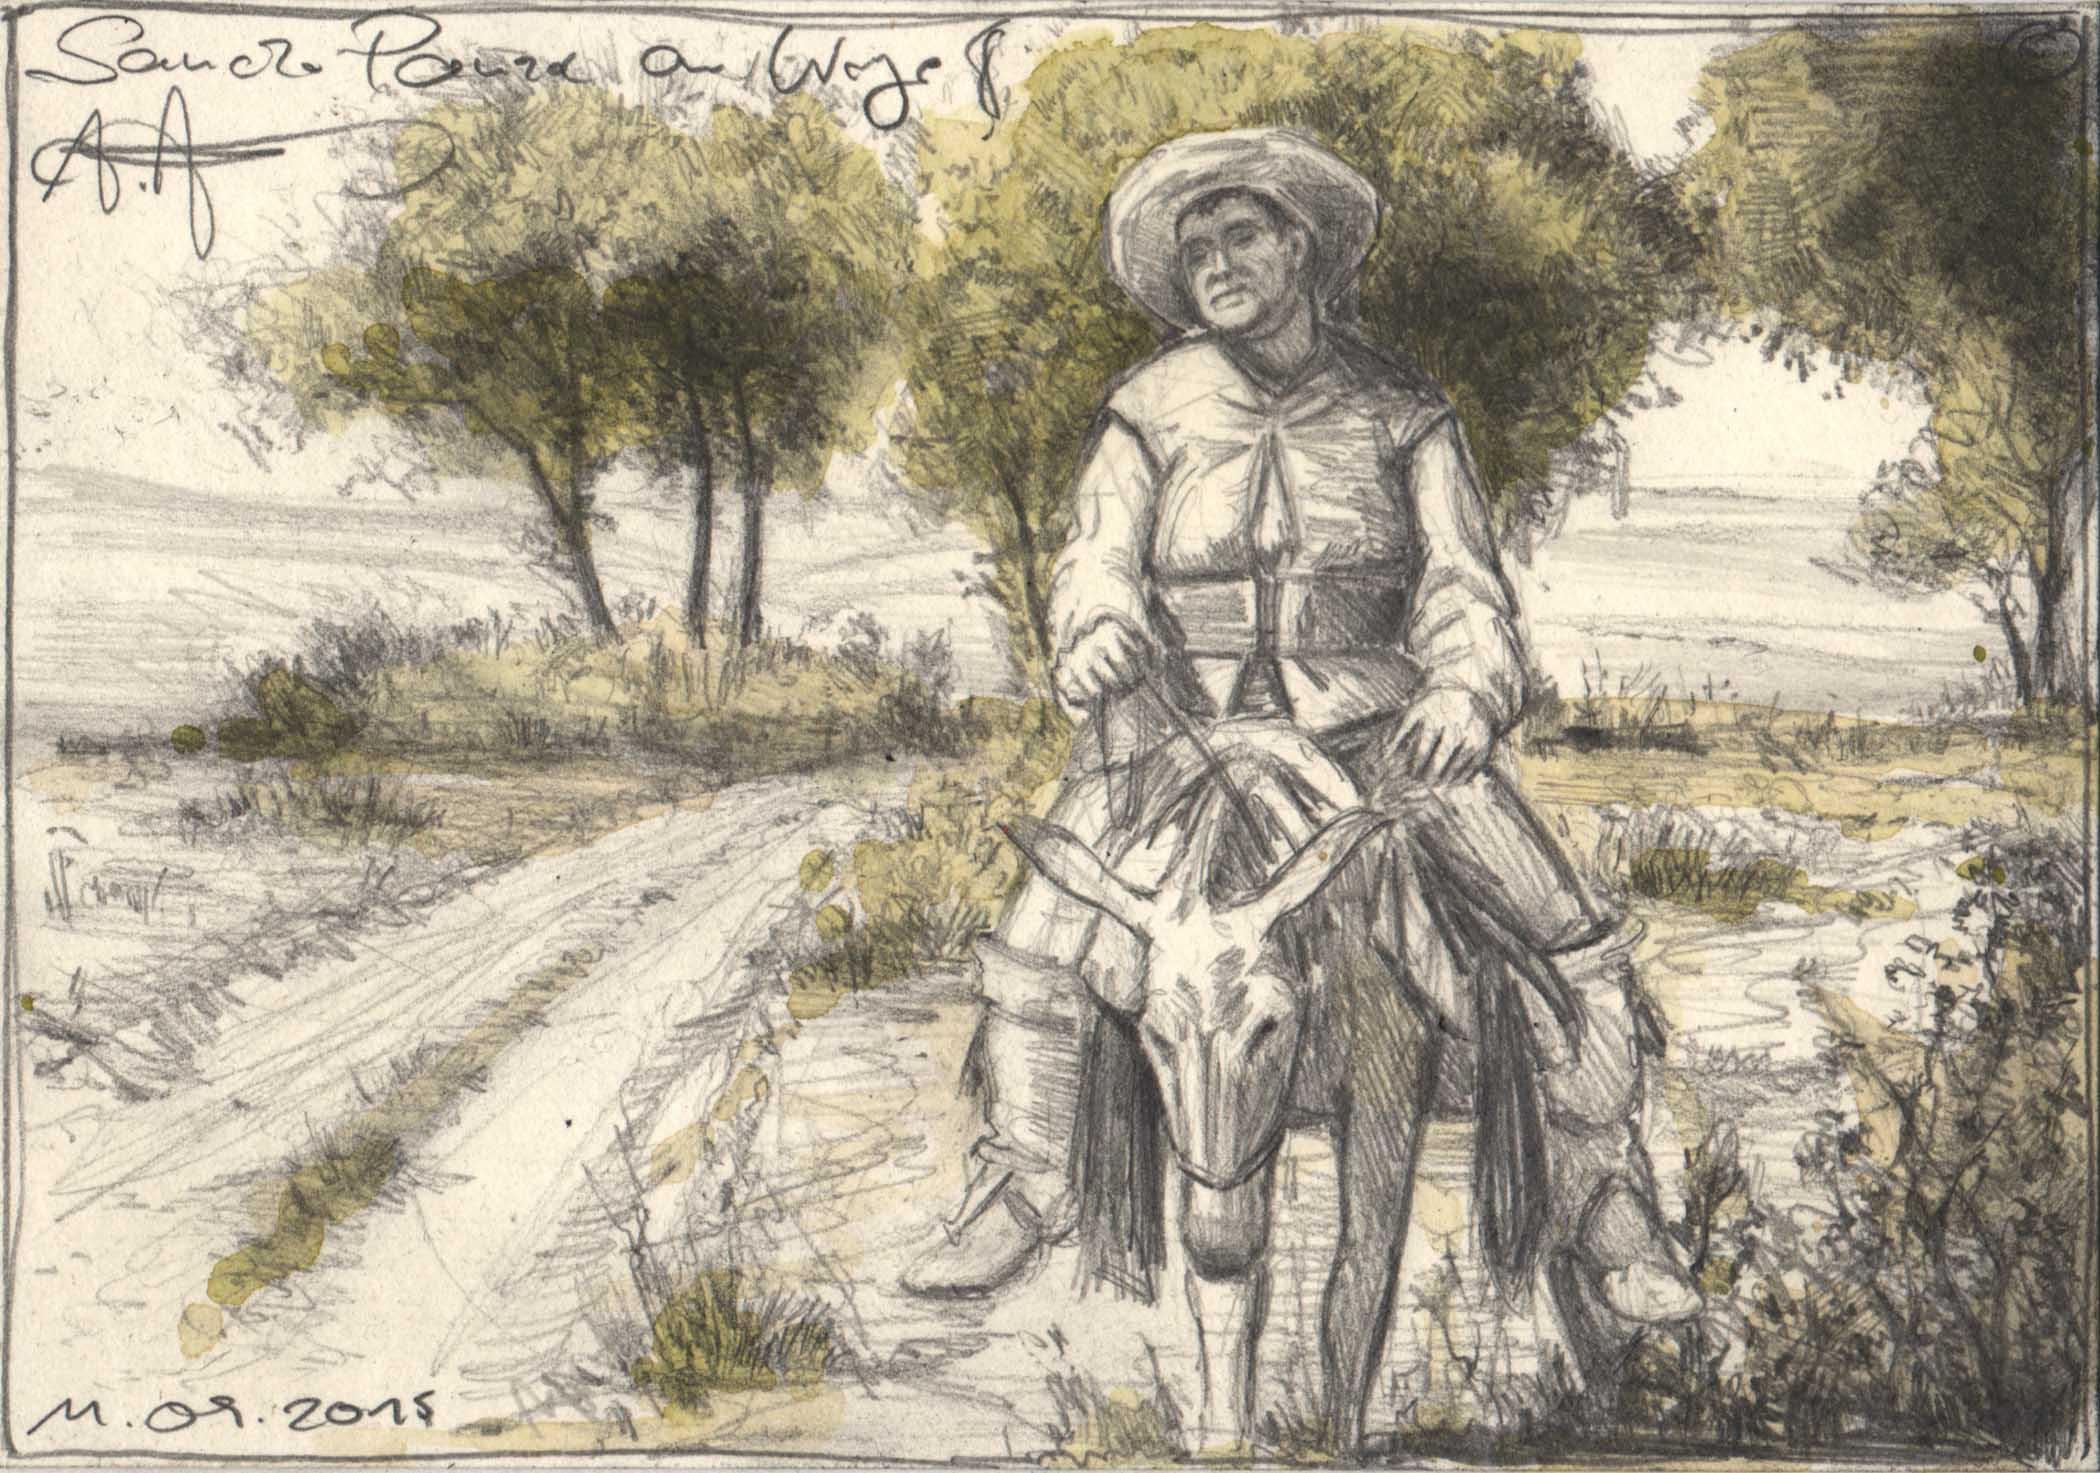 Sancho Panza am Wege